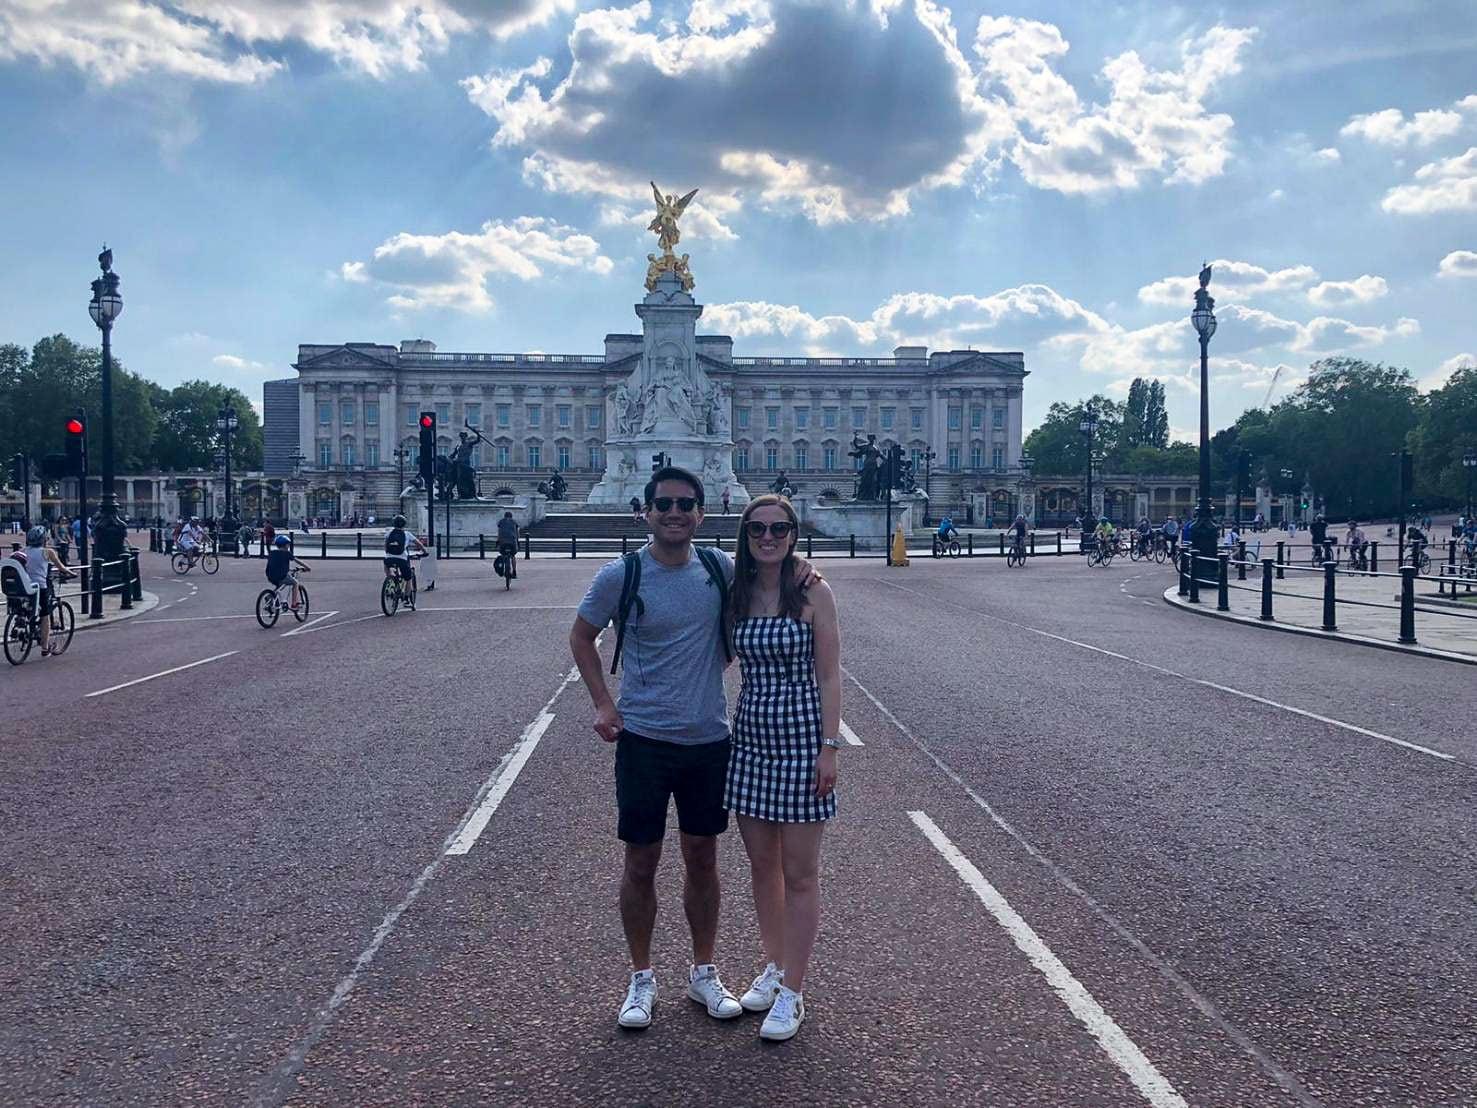 バッキンガム宮殿の前